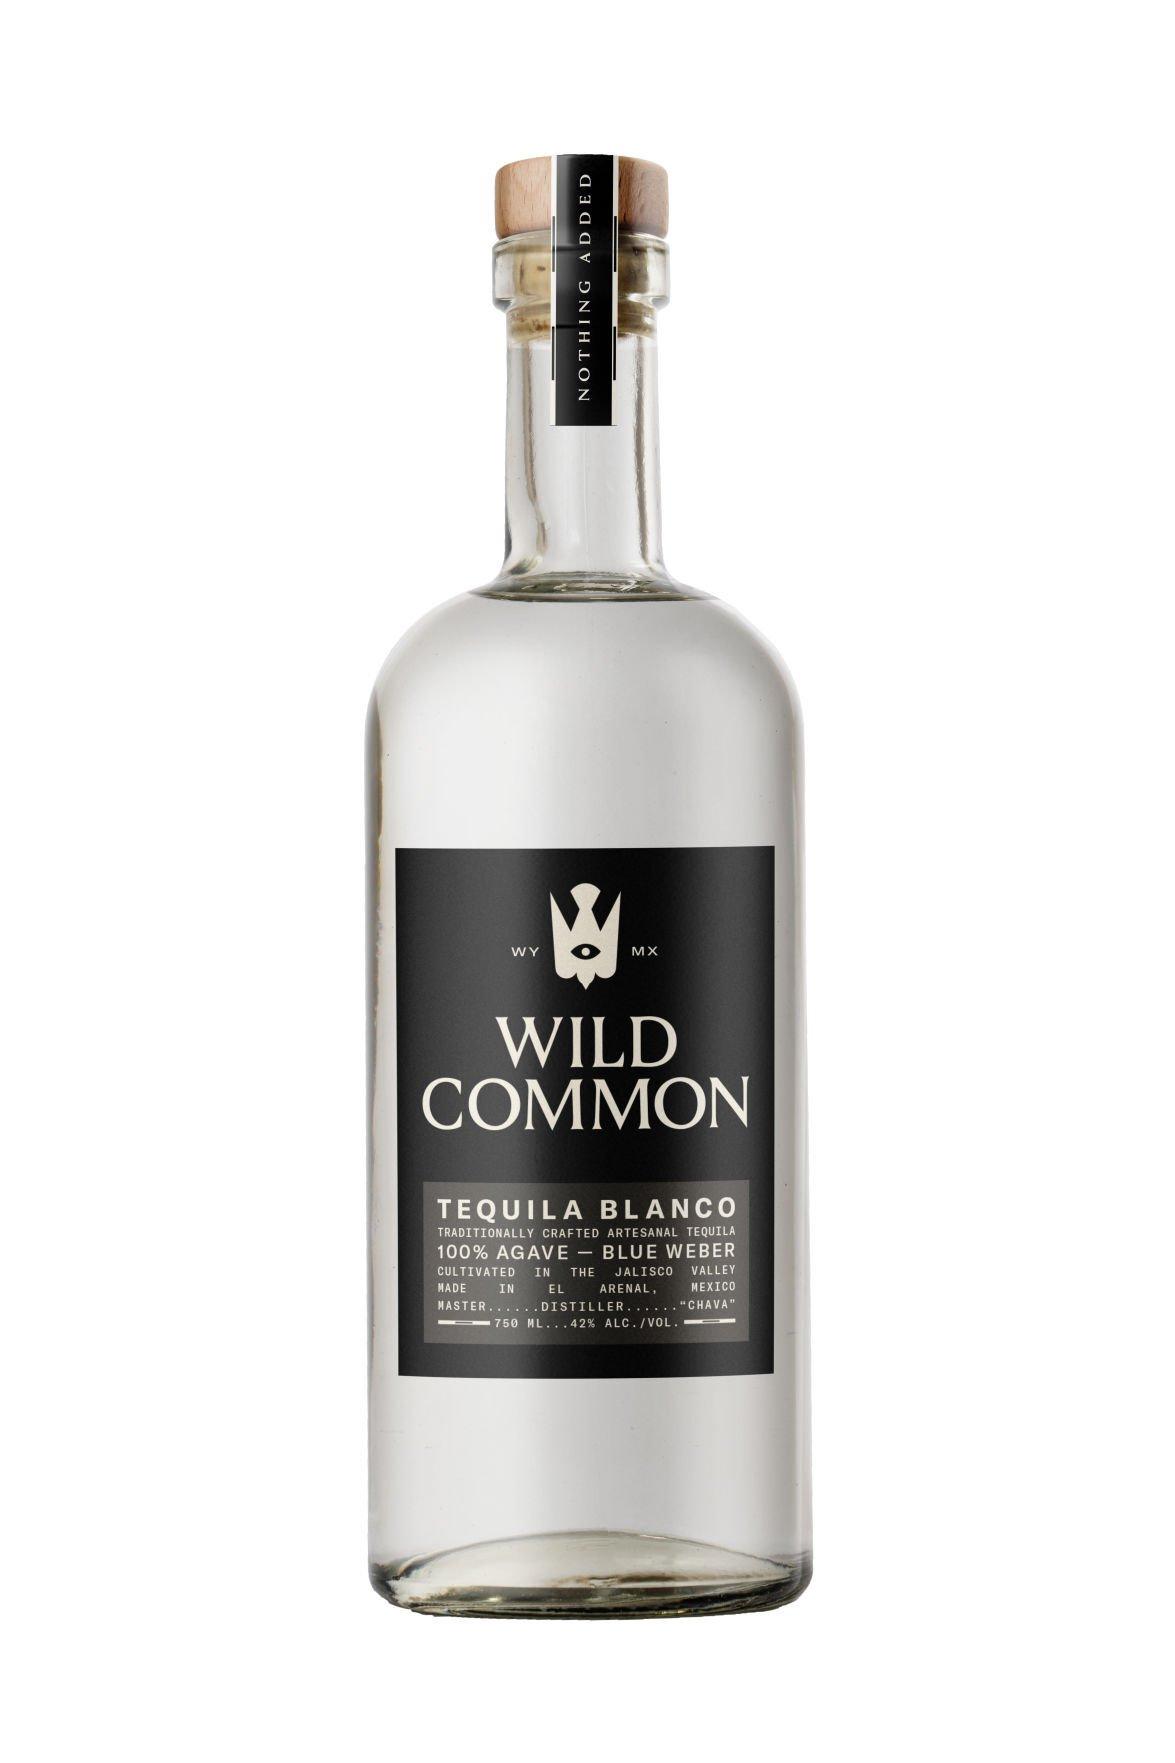 Wild Common tequila